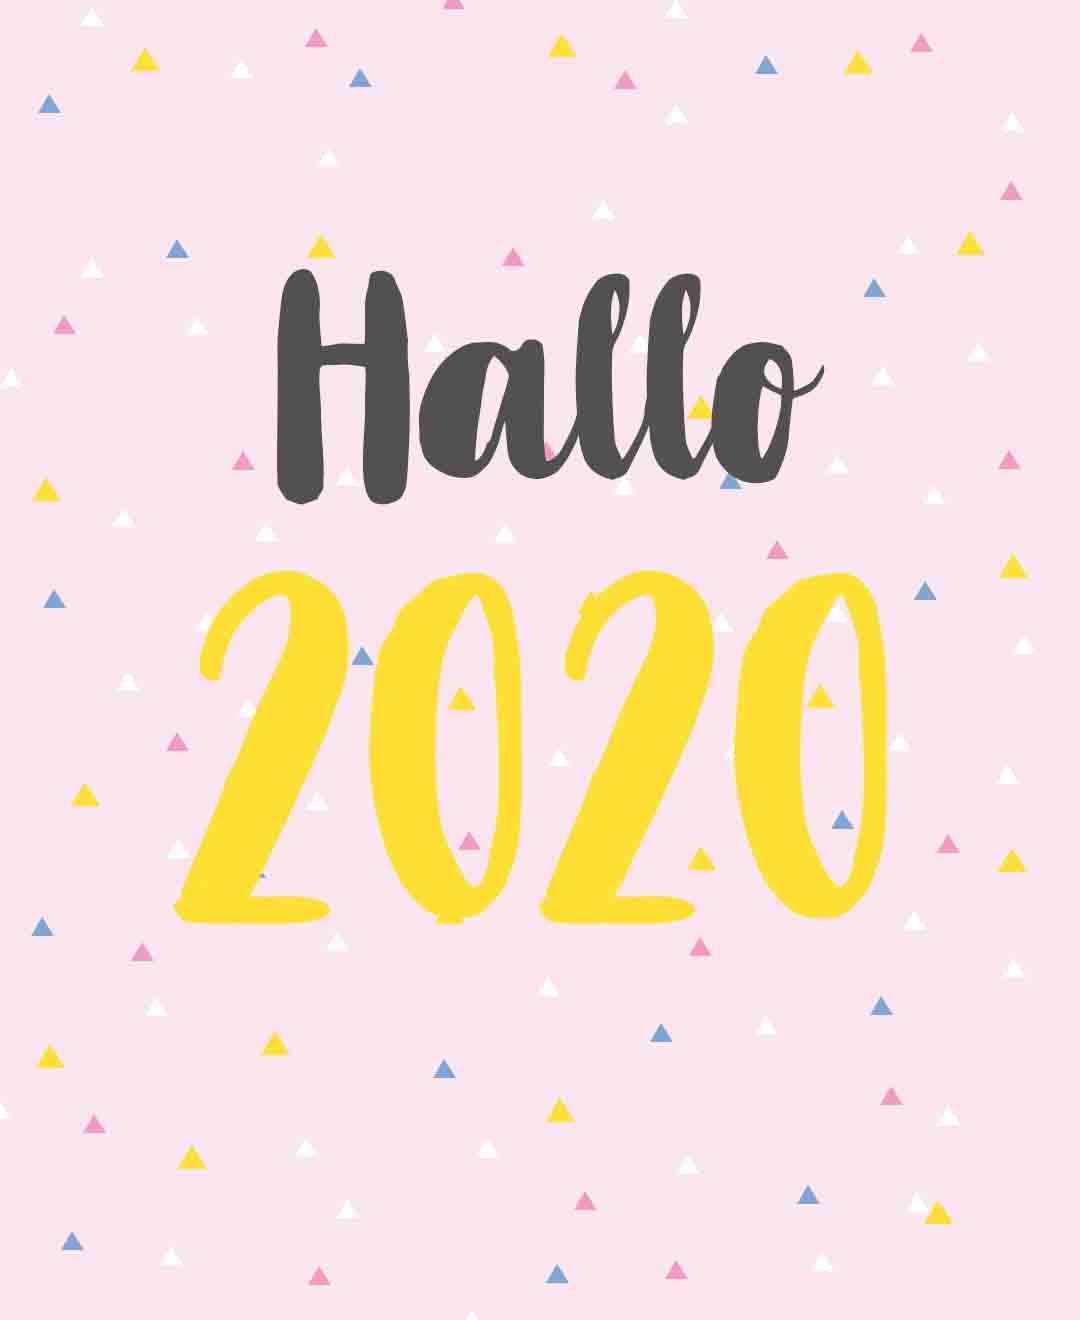 Mein Jahresrückblick, Neues für 2020 und ein Kalender zum Ausdrucken